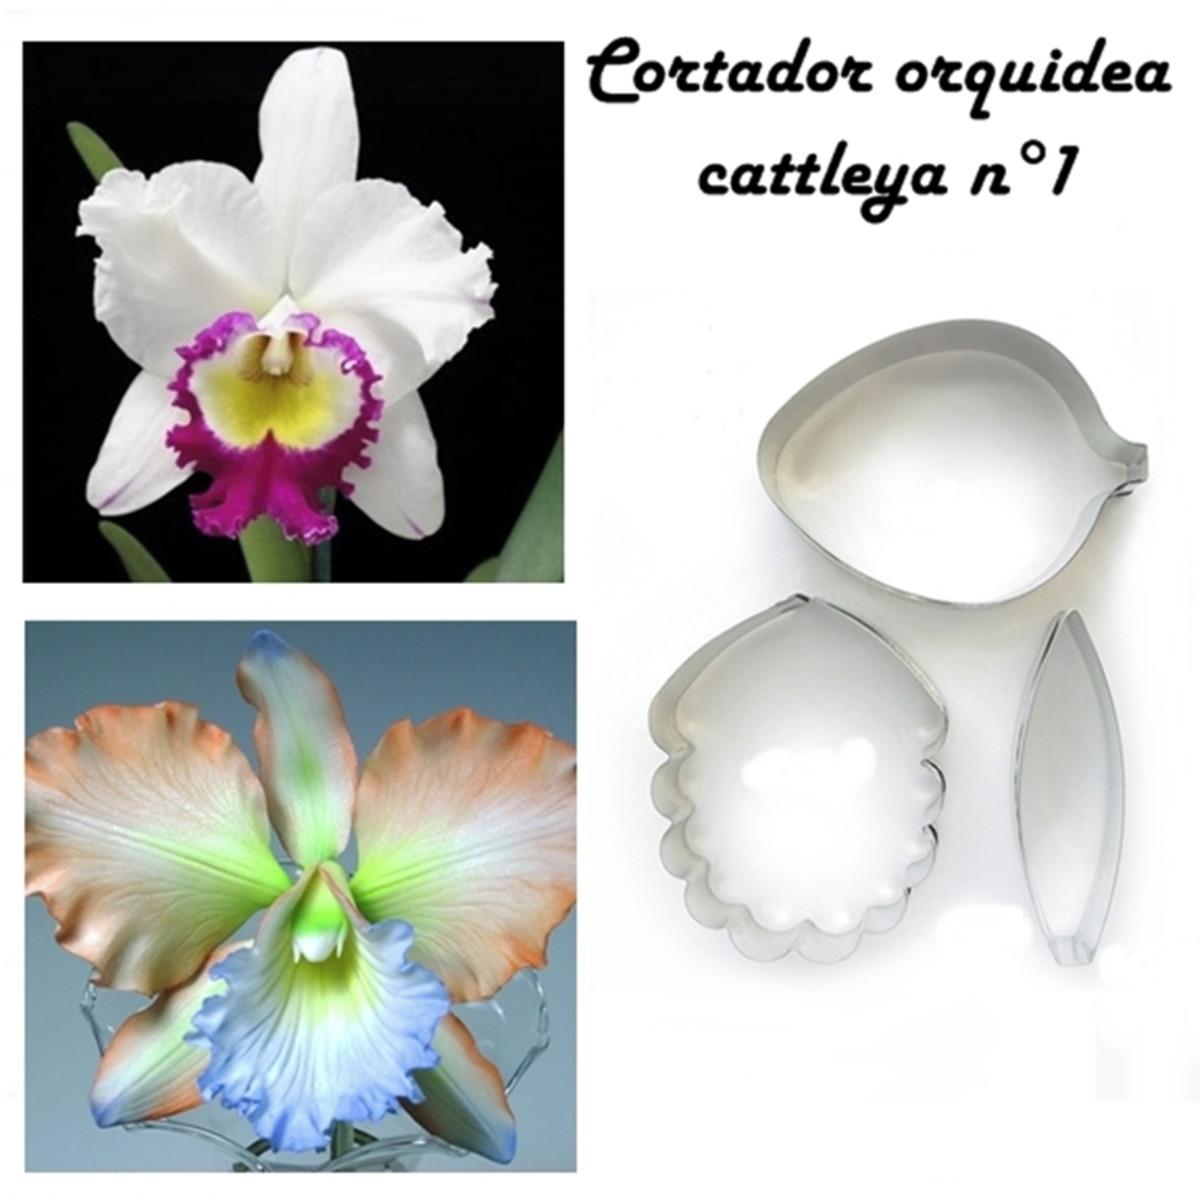 Cortador Orquídea Cattleya N1 Com 3 Pecas